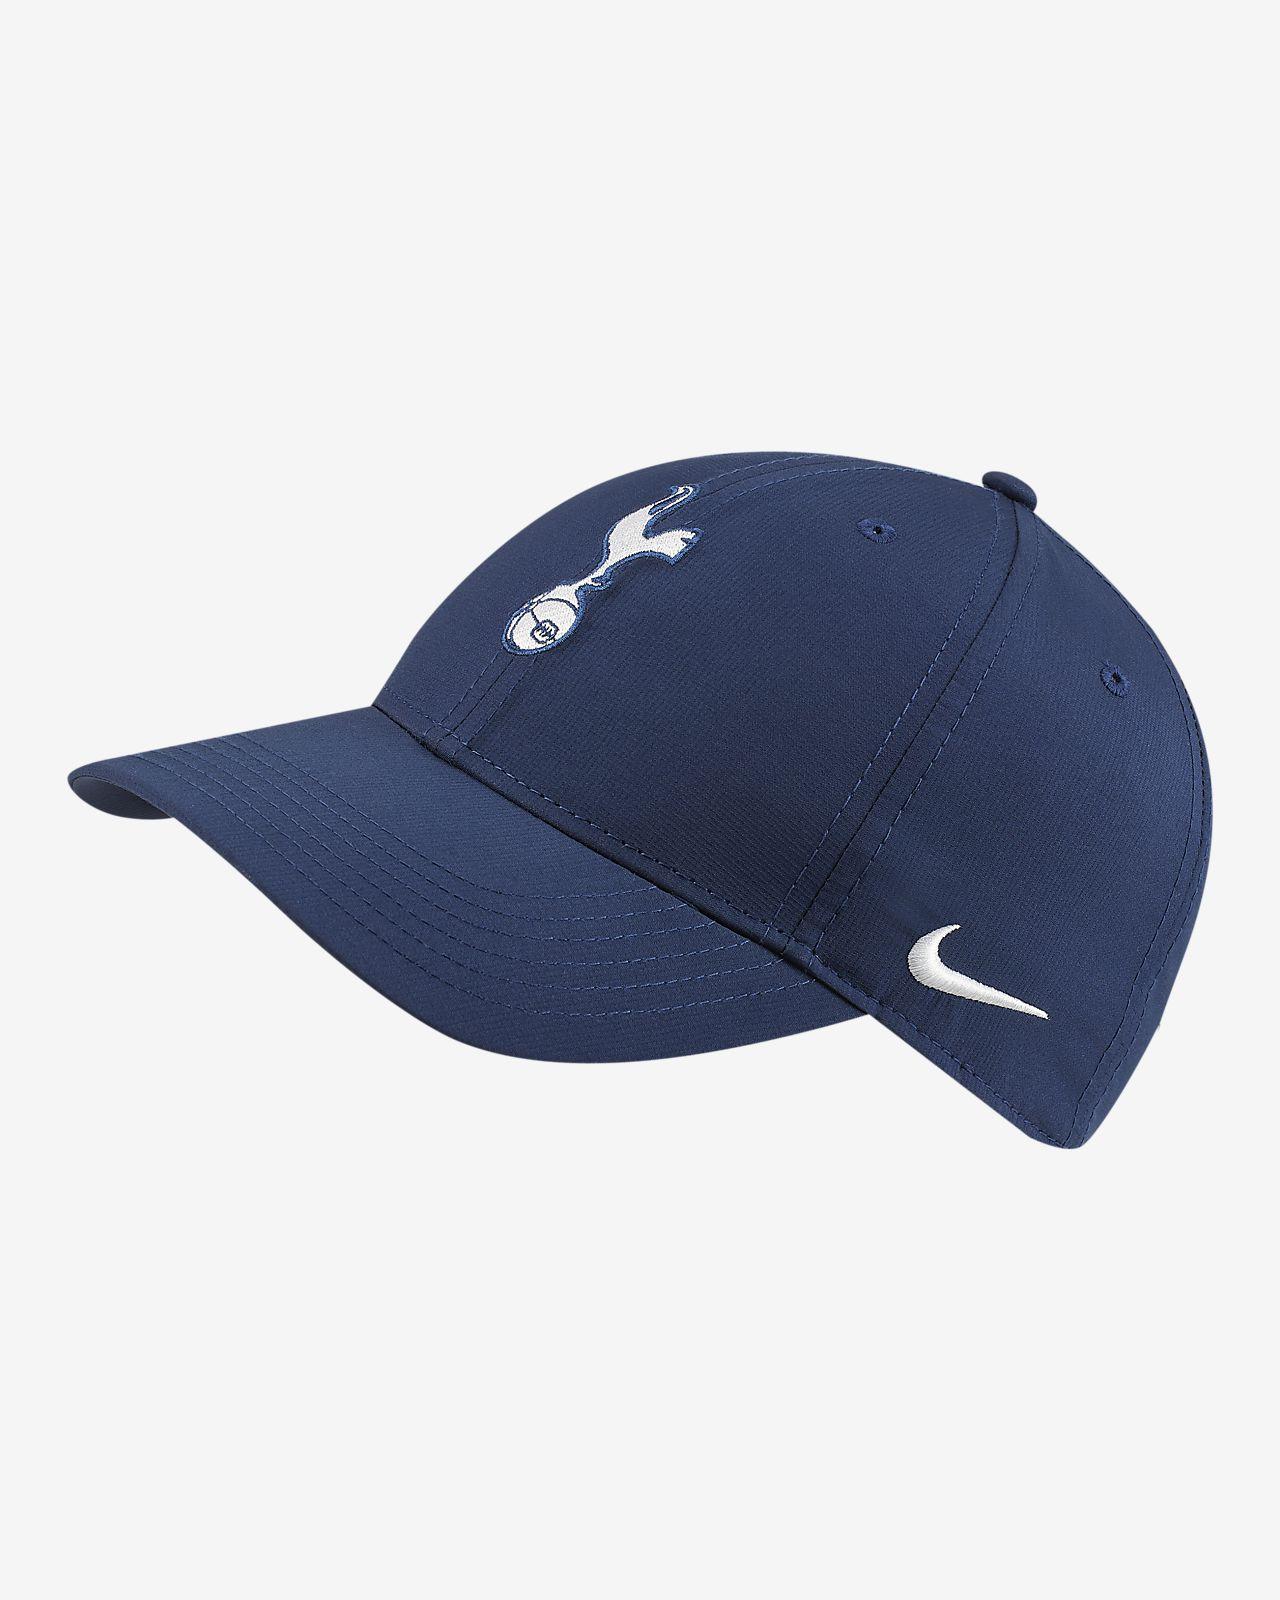 Παιδικό ρυθμιζόμενο καπέλο Tottenham Hotspur FC Legacy 91